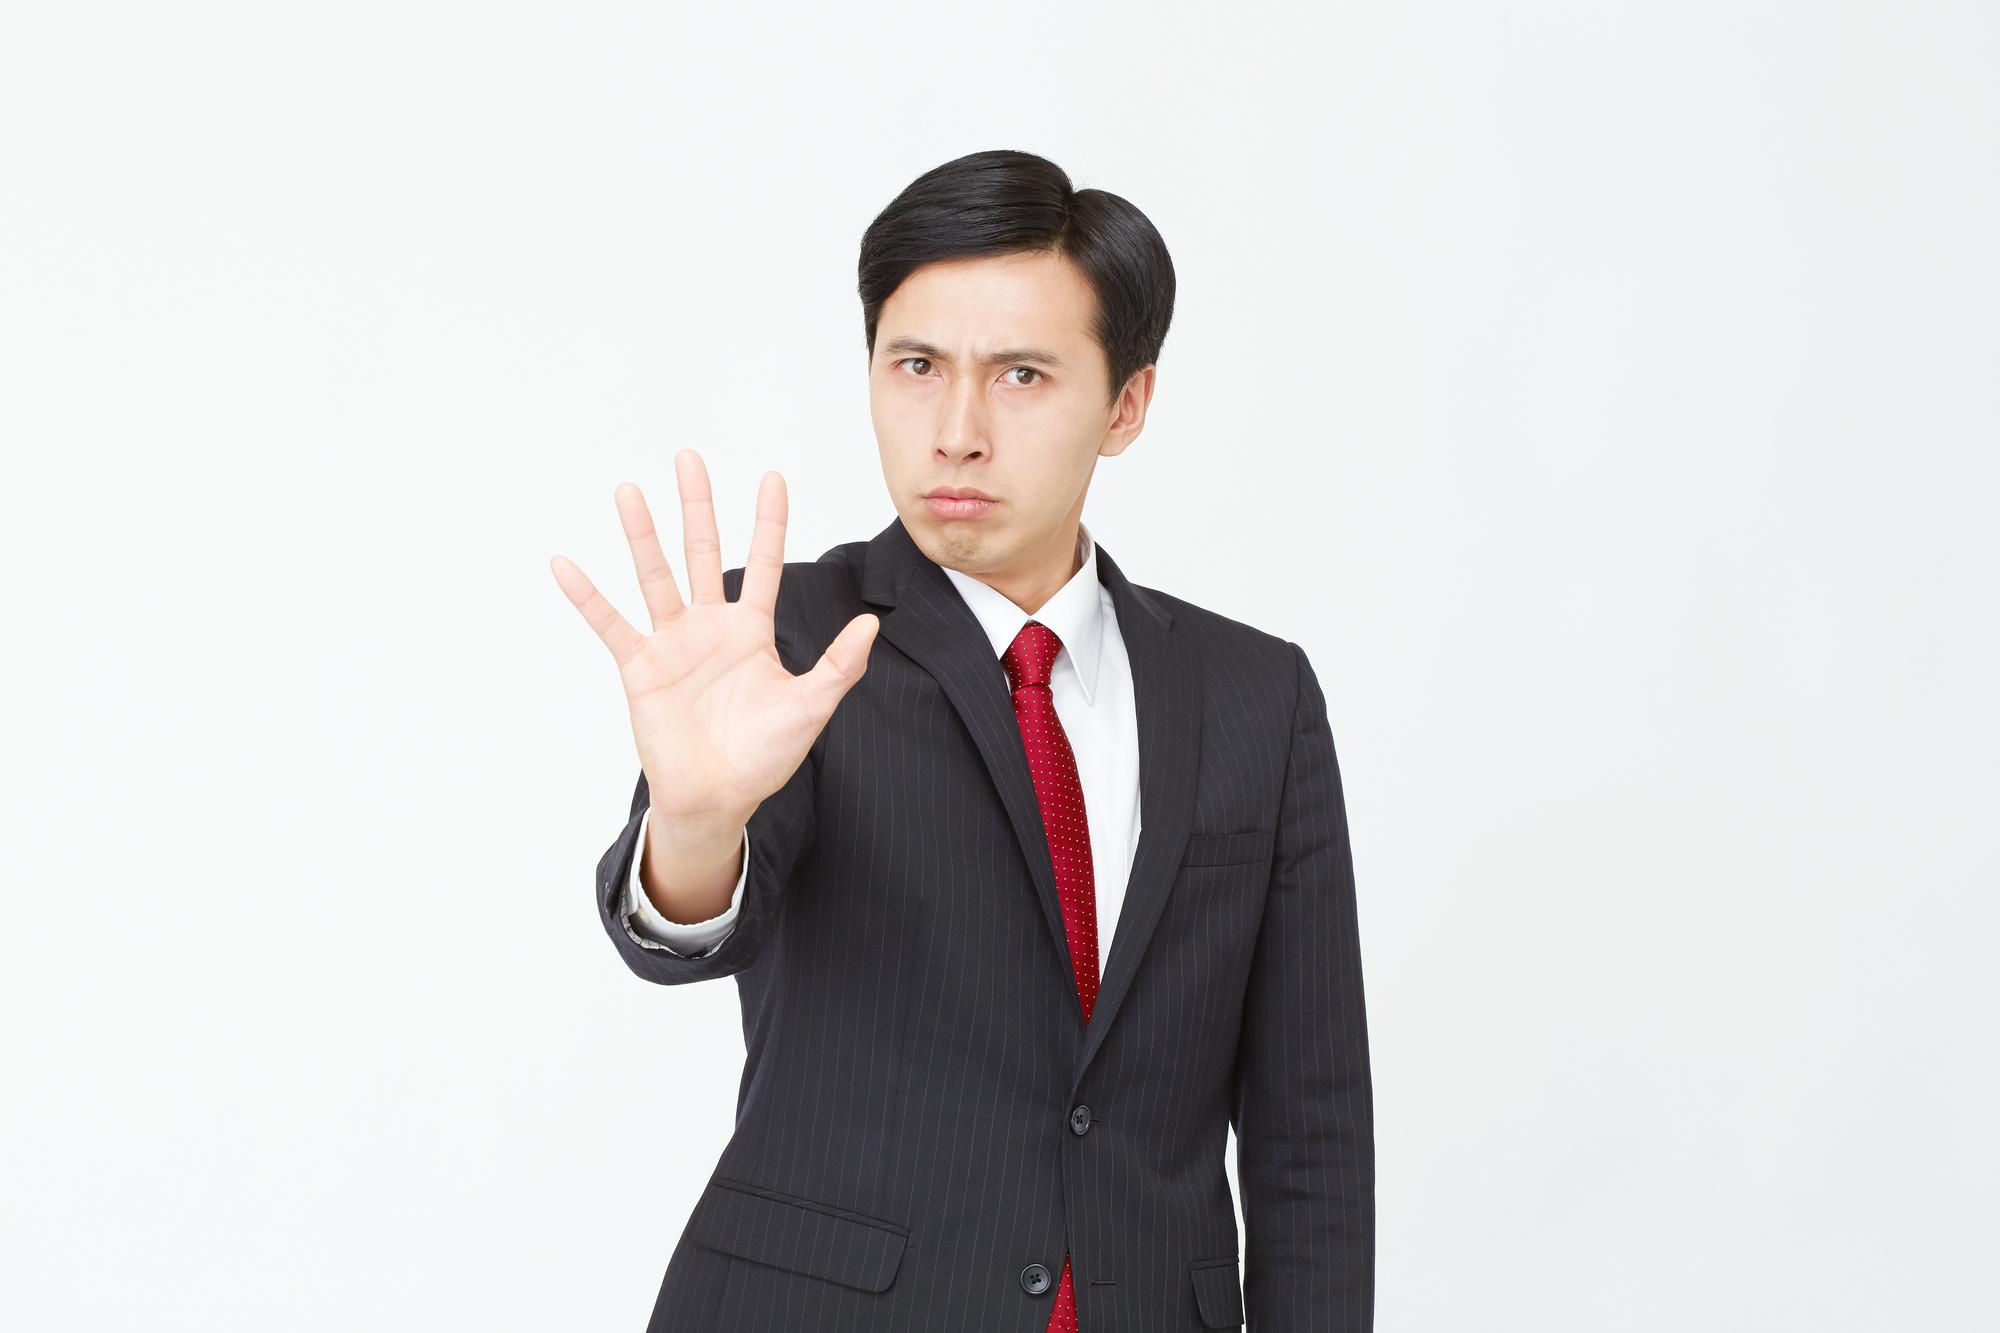 あなたの会社を壊す「拒絶・伝言症候群」の恐ろしさ